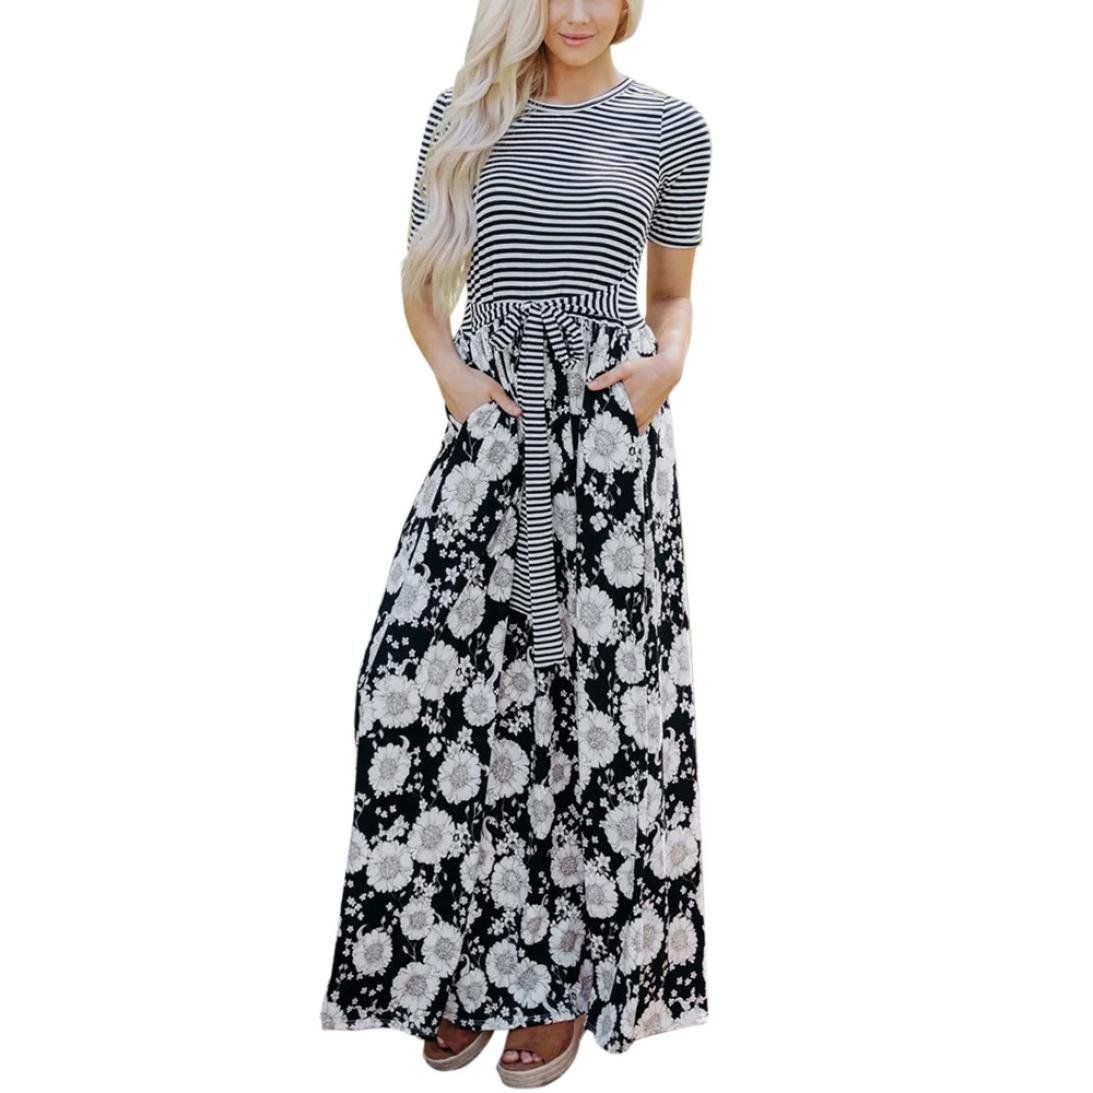 Styledress Sommerkleider Damen Lang,Damen Blumen Kleider Elegant